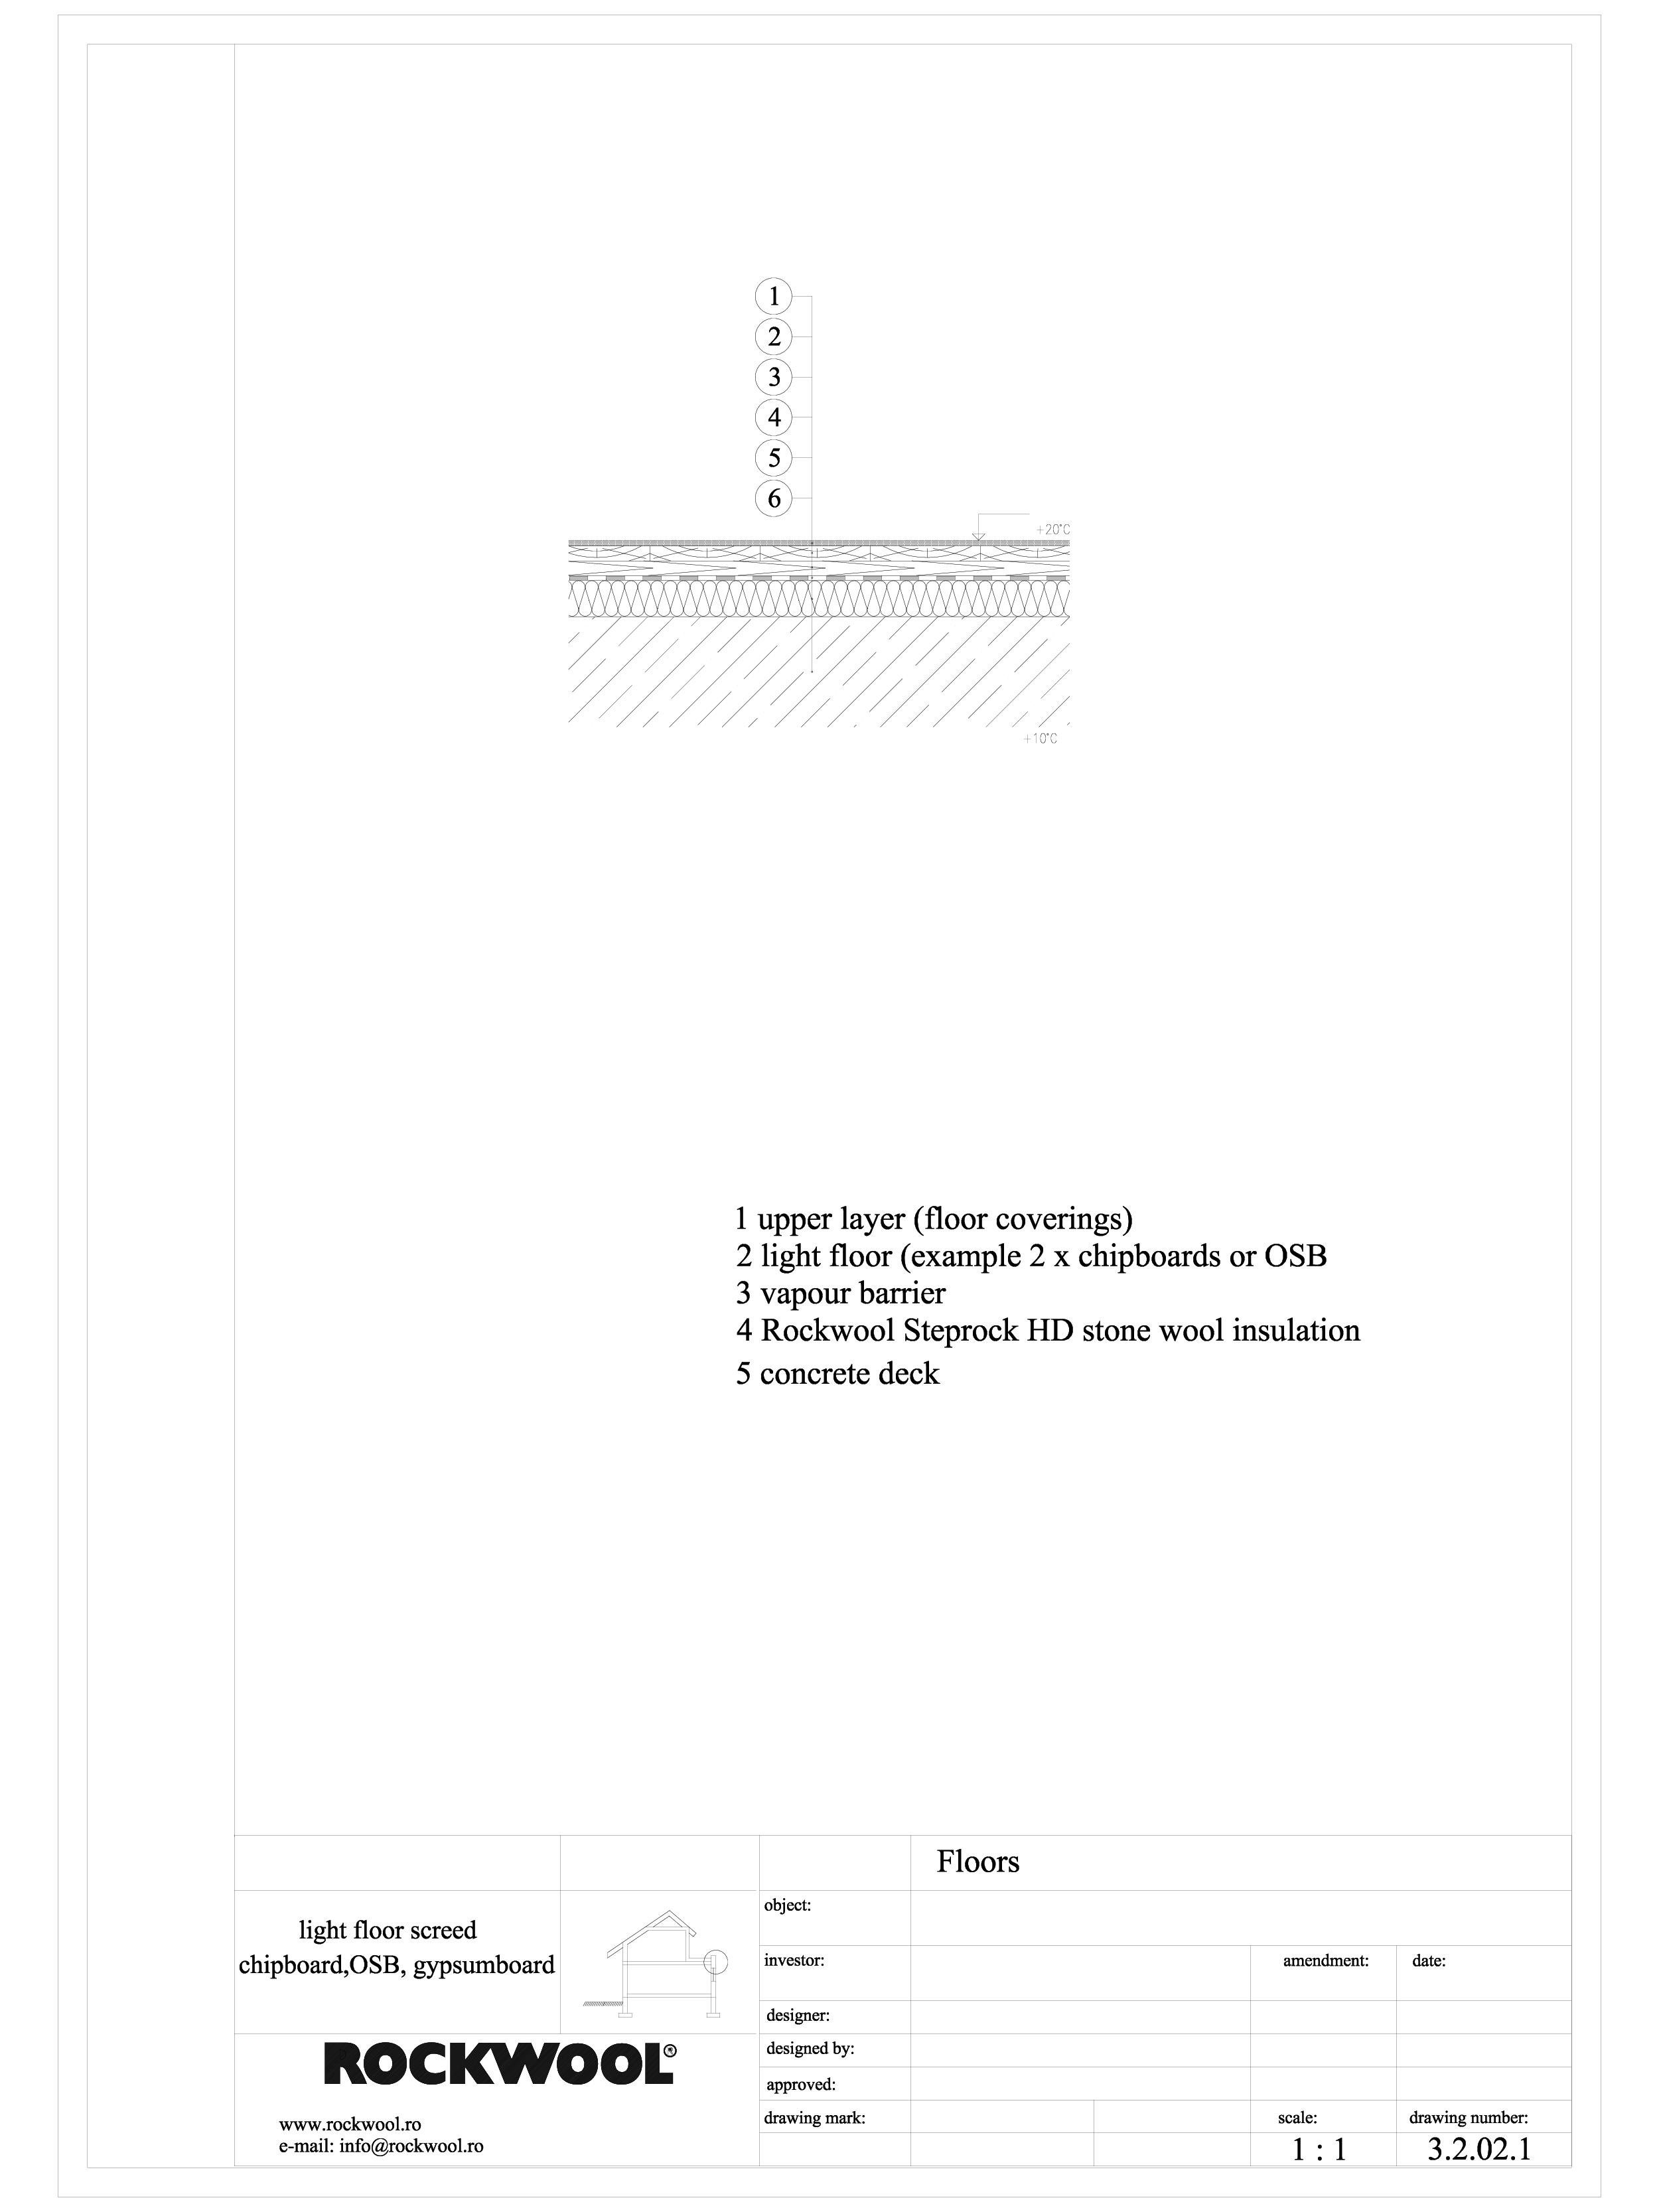 Termoizolarea pardoselilor - detaliu termoizolare, pardoseala cu sapa uscata ROCKWOOL Termoizolatie vata bazaltica pentru pardoseli ROCKWOOL ROMANIA  - Pagina 1